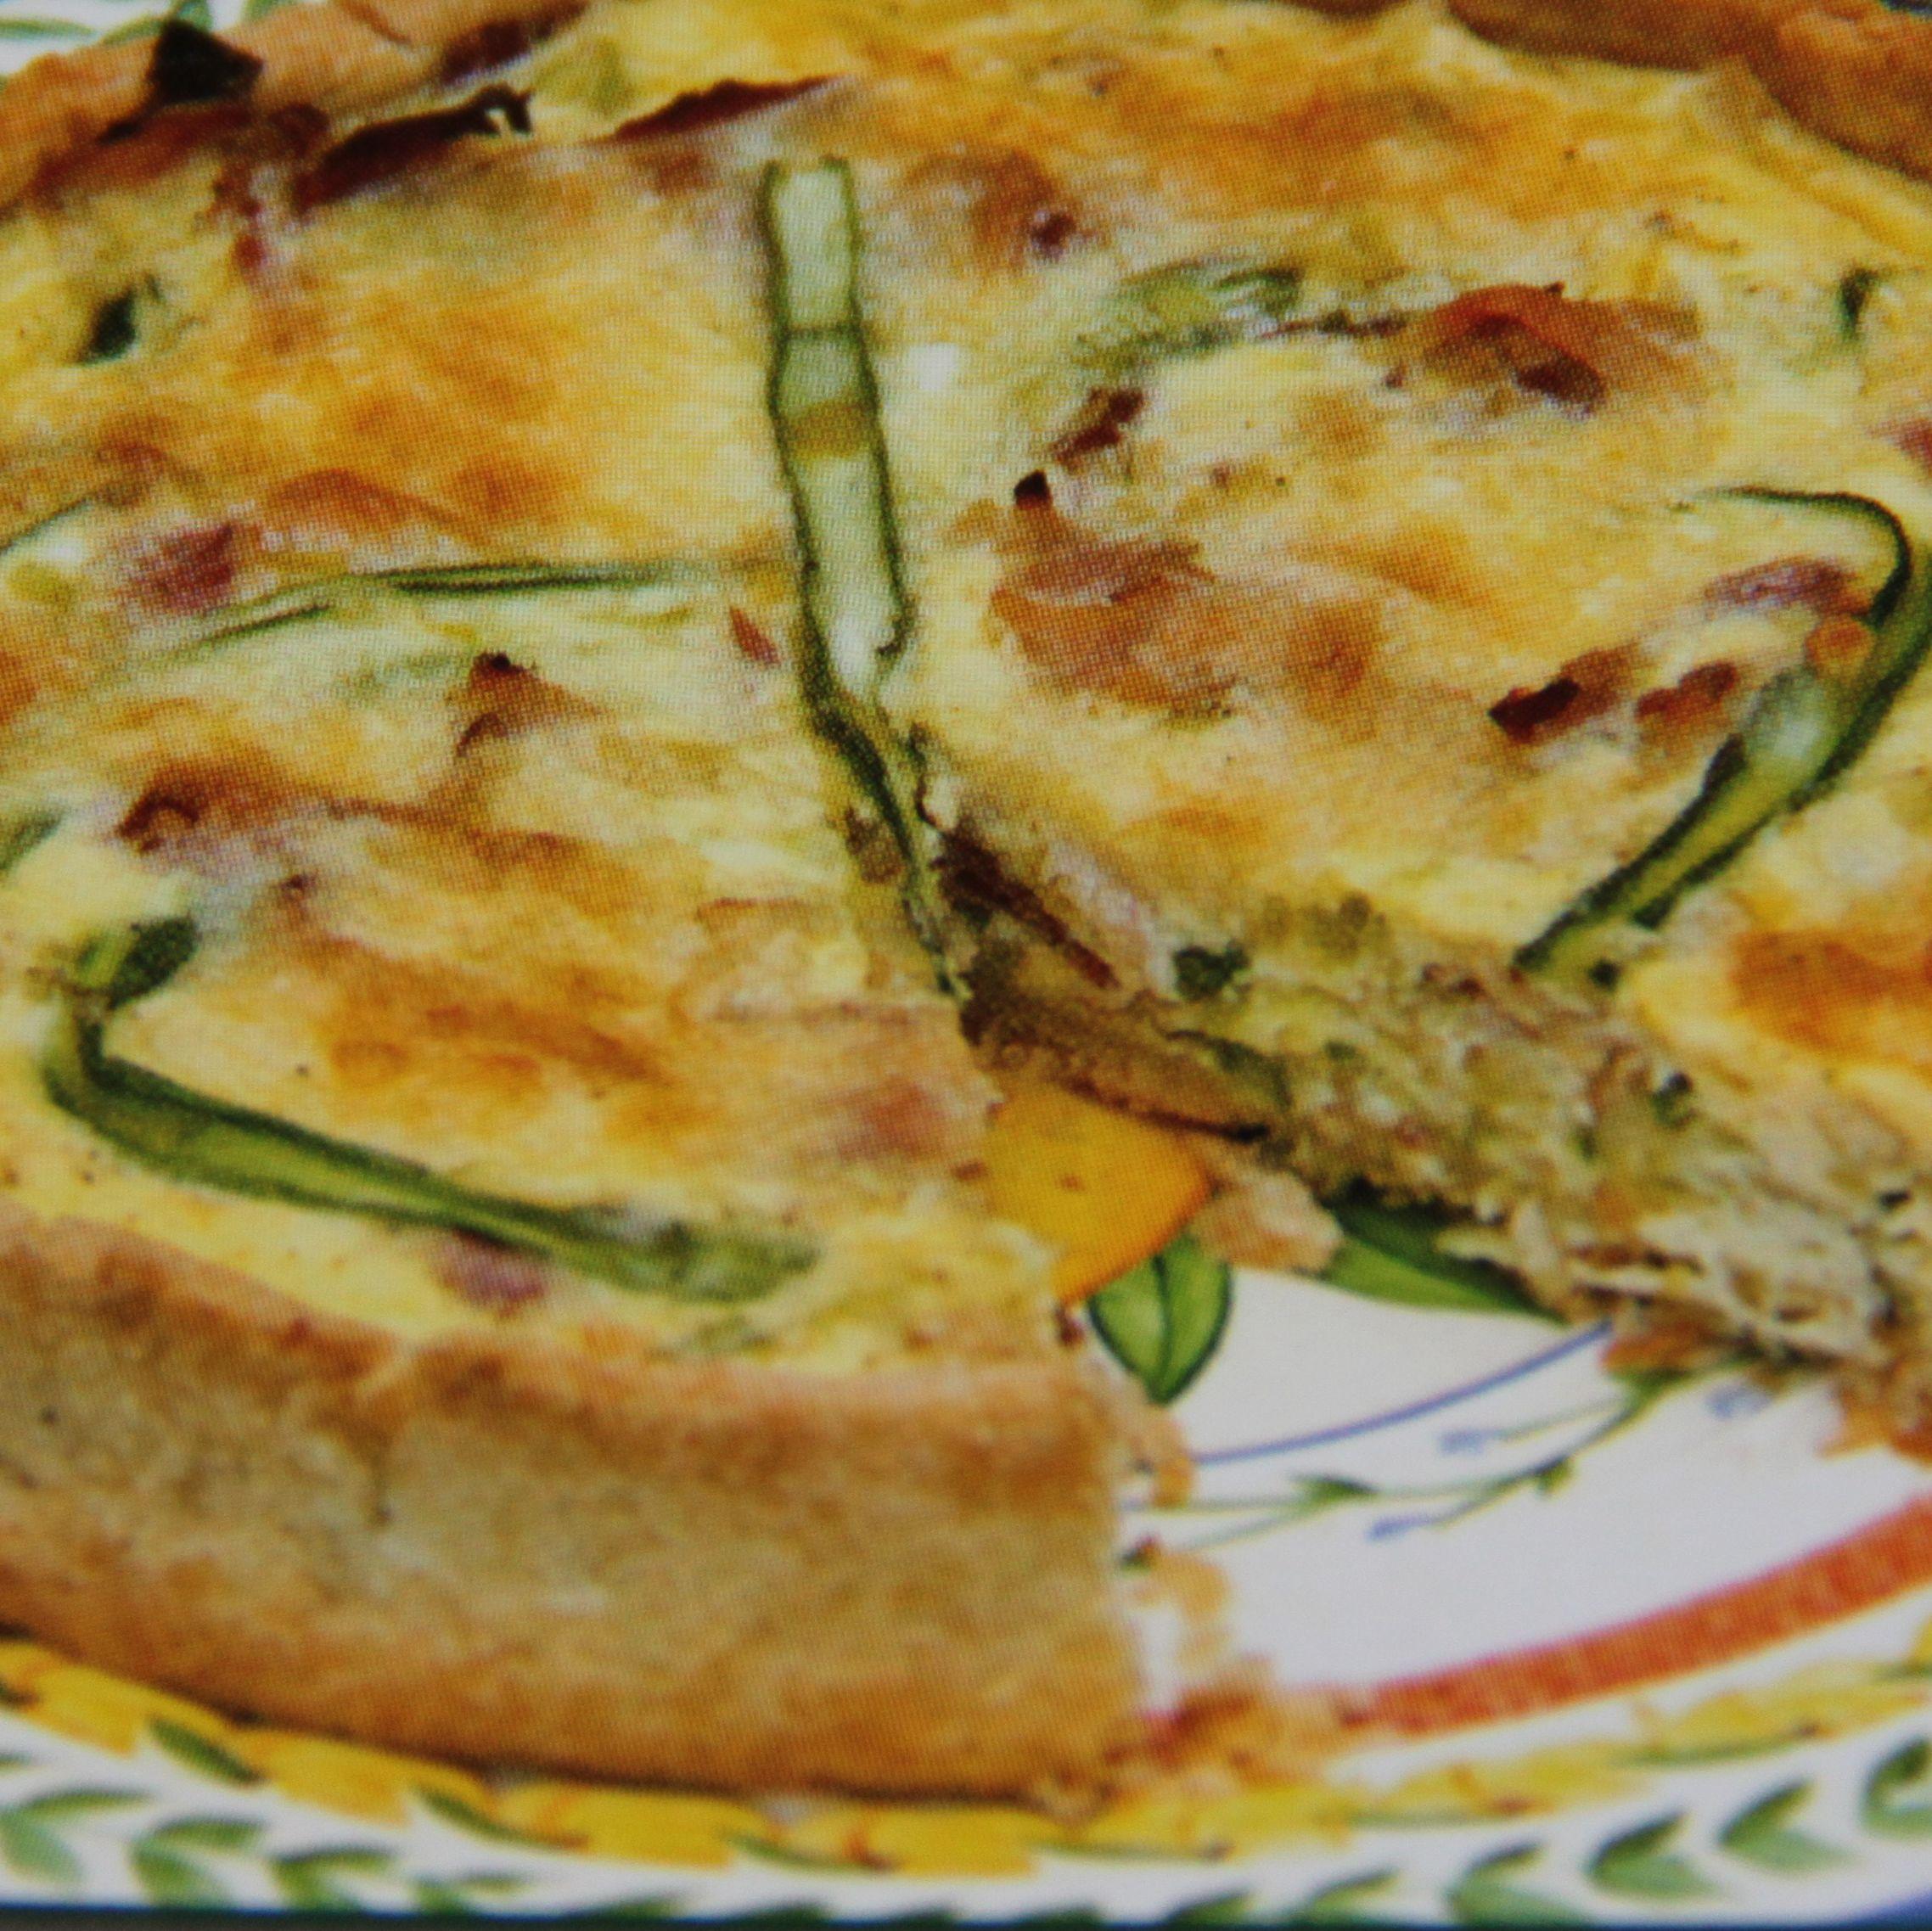 Ricetta Quiche Asparagi E Pancetta.Torta Salata Asparagi E Pancetta Il Miglior Blog Di Cucinail Miglior Blog Di Cucina